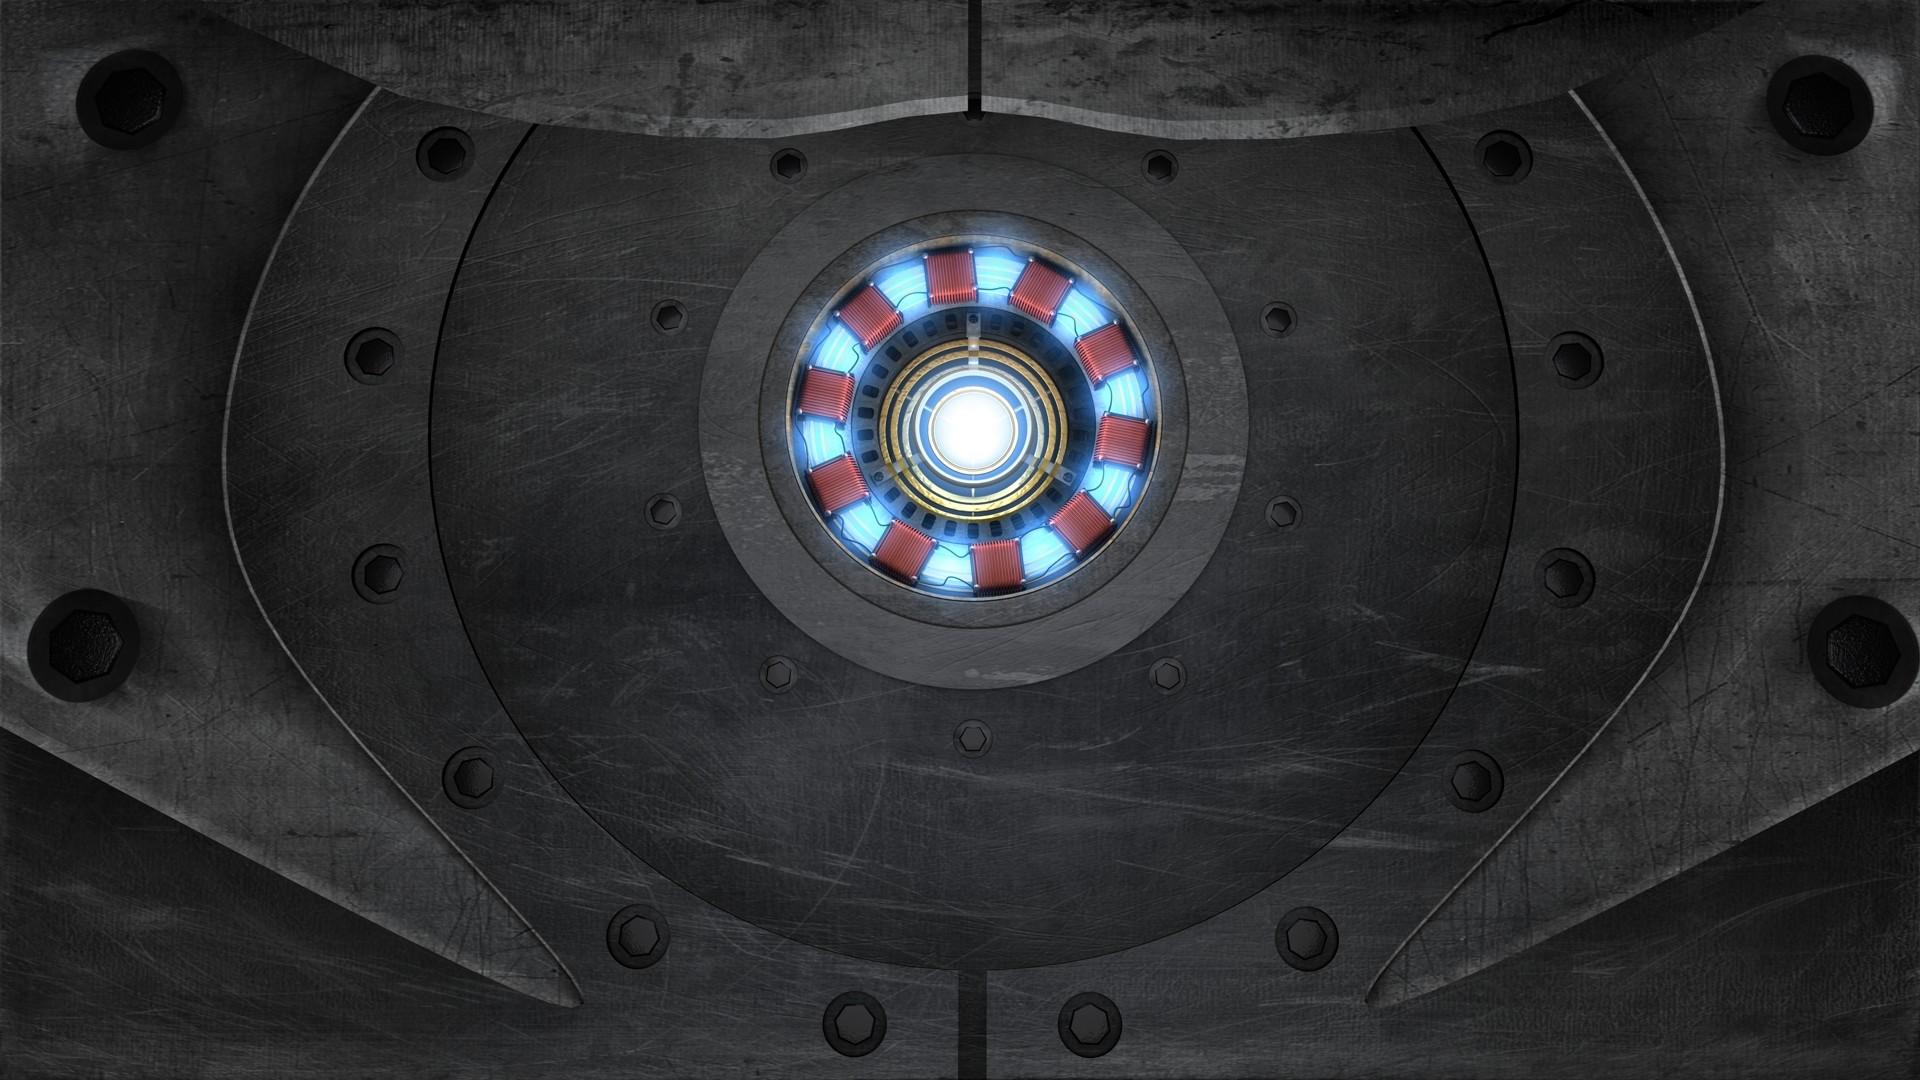 Ironman Arc Reactor Wallpaper Hd Ironman arc re…